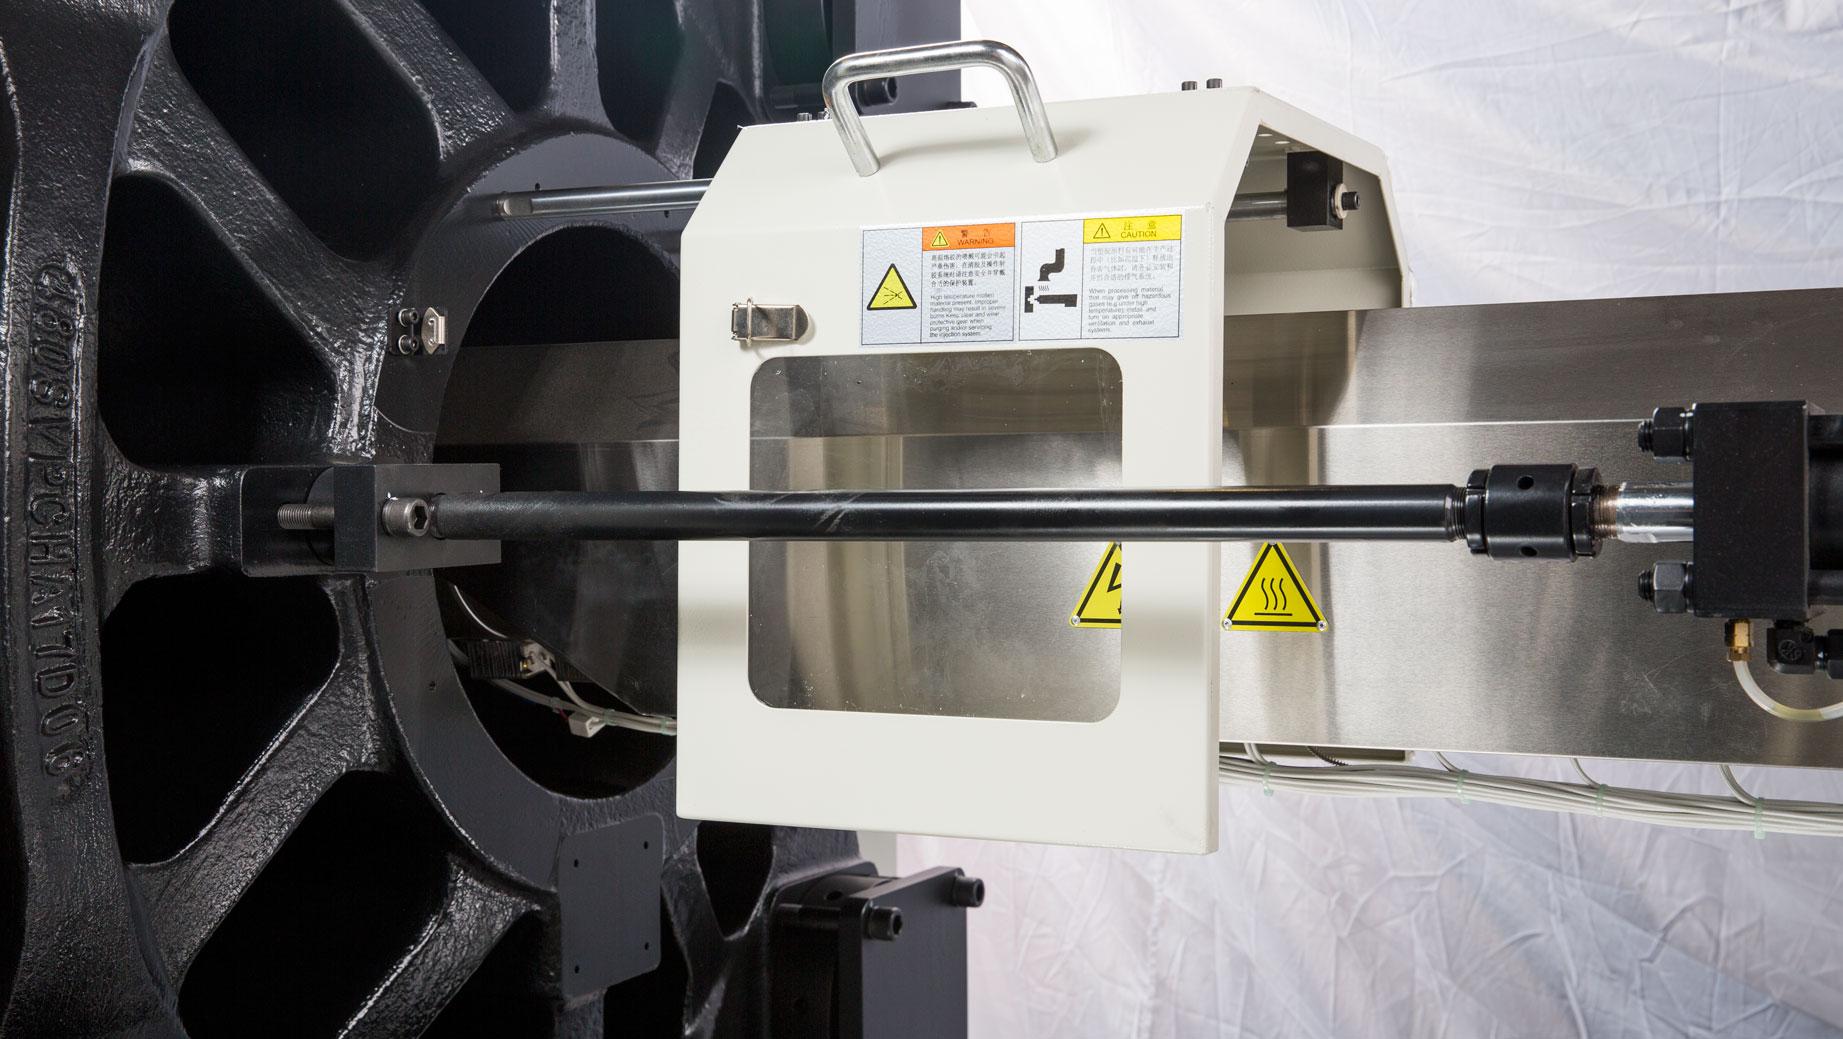 震雄节能注塑机SVP/3+系列,滑动式射嘴护罩